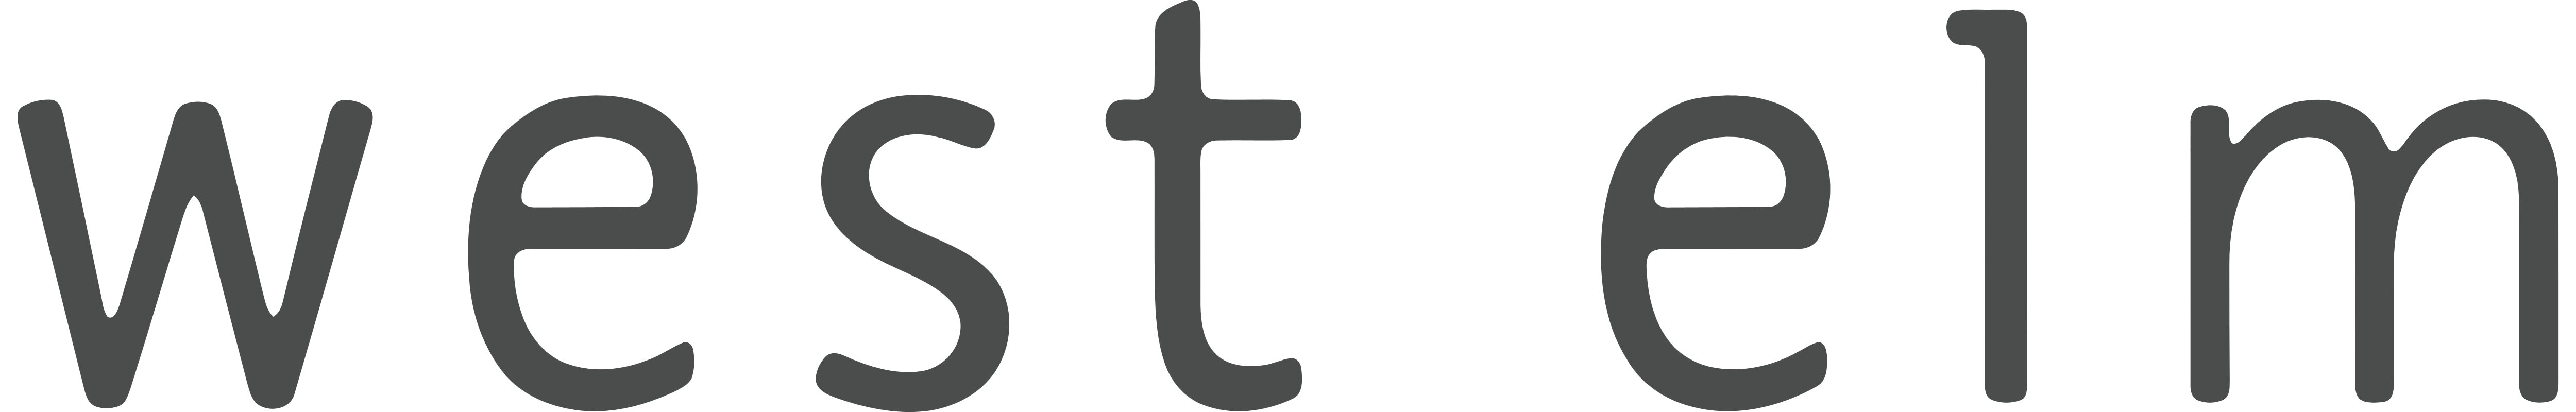 West_Elm_logo.png